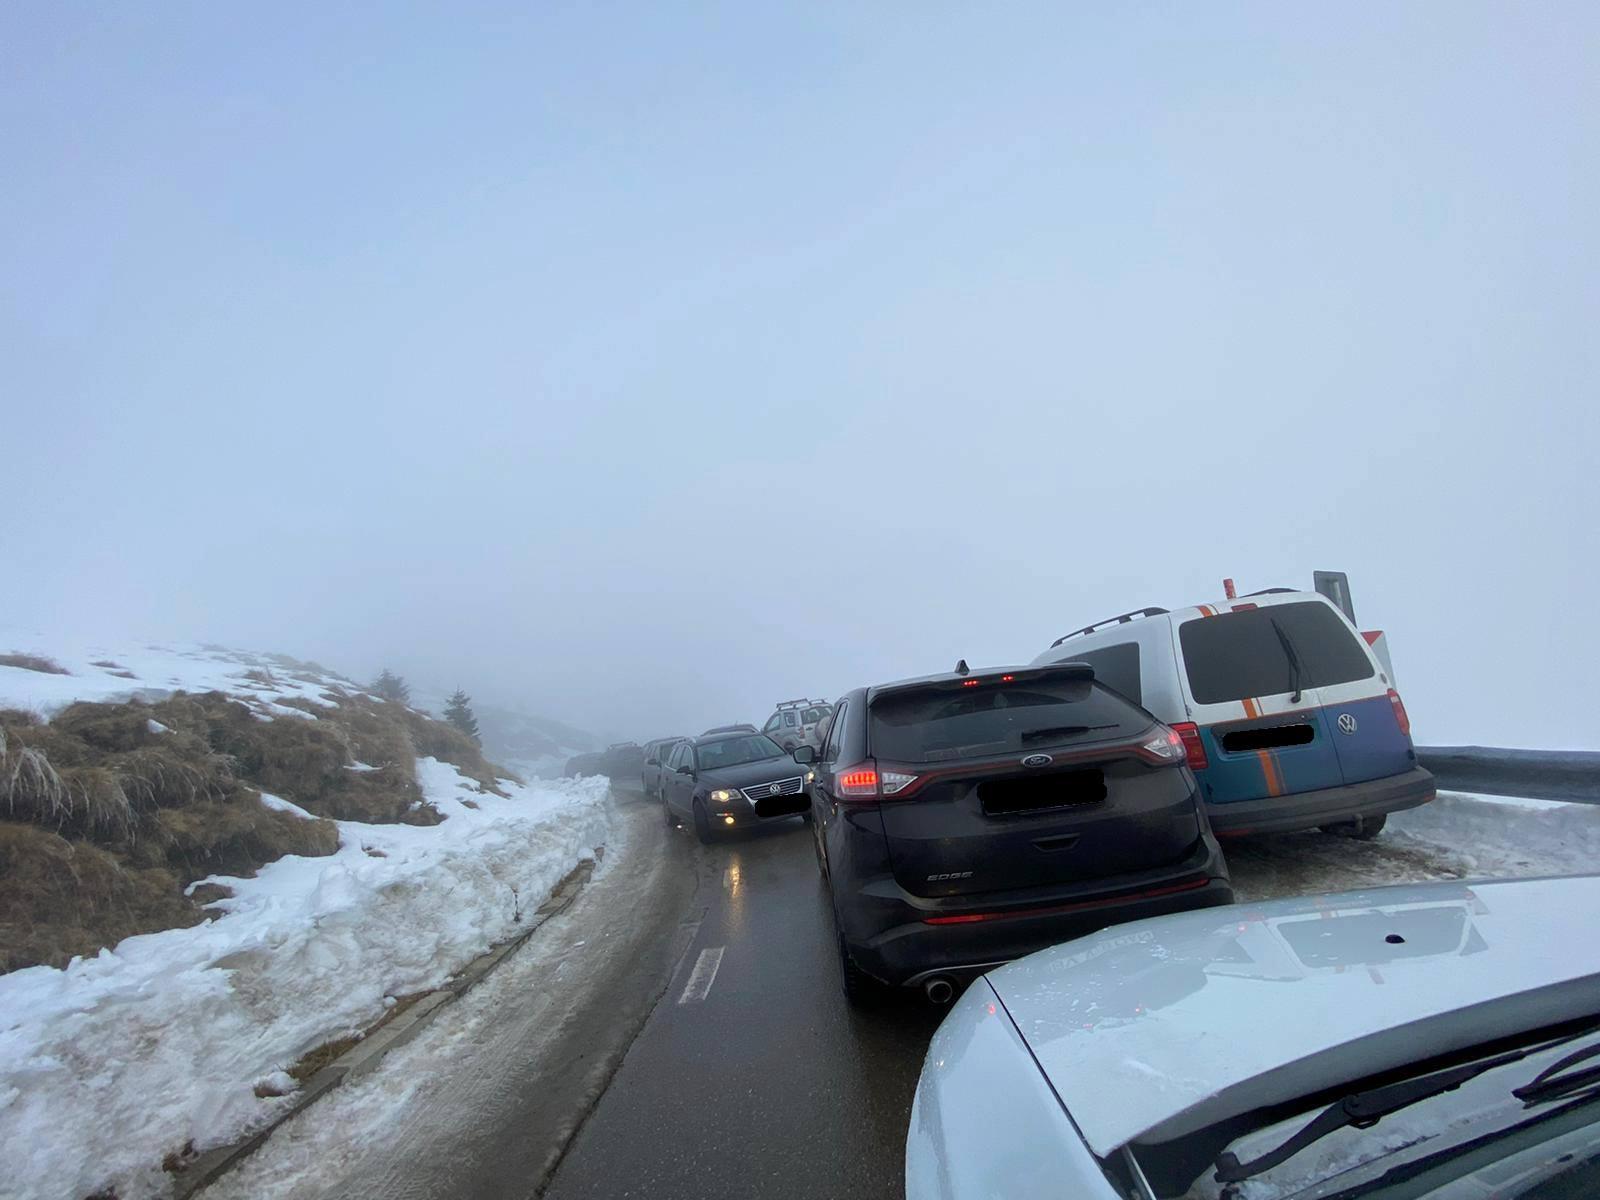 Haos auto pe Transbucegi (DJ 713). Se face apel la ajutorul Poliției, pentru intervenție